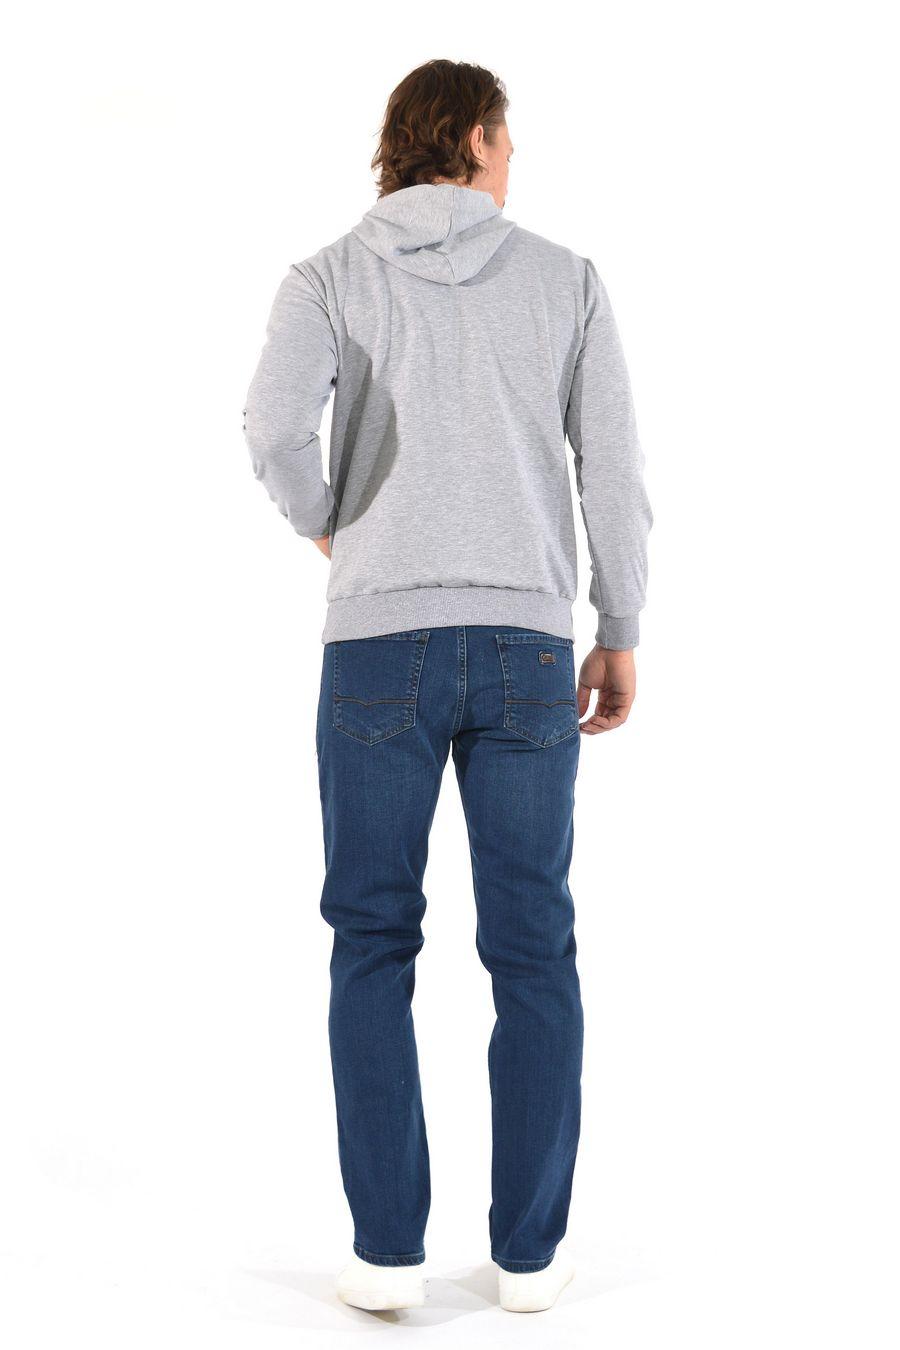 Джинсы мужские MAC Person 2808-12350 Blue L32 - фото 2